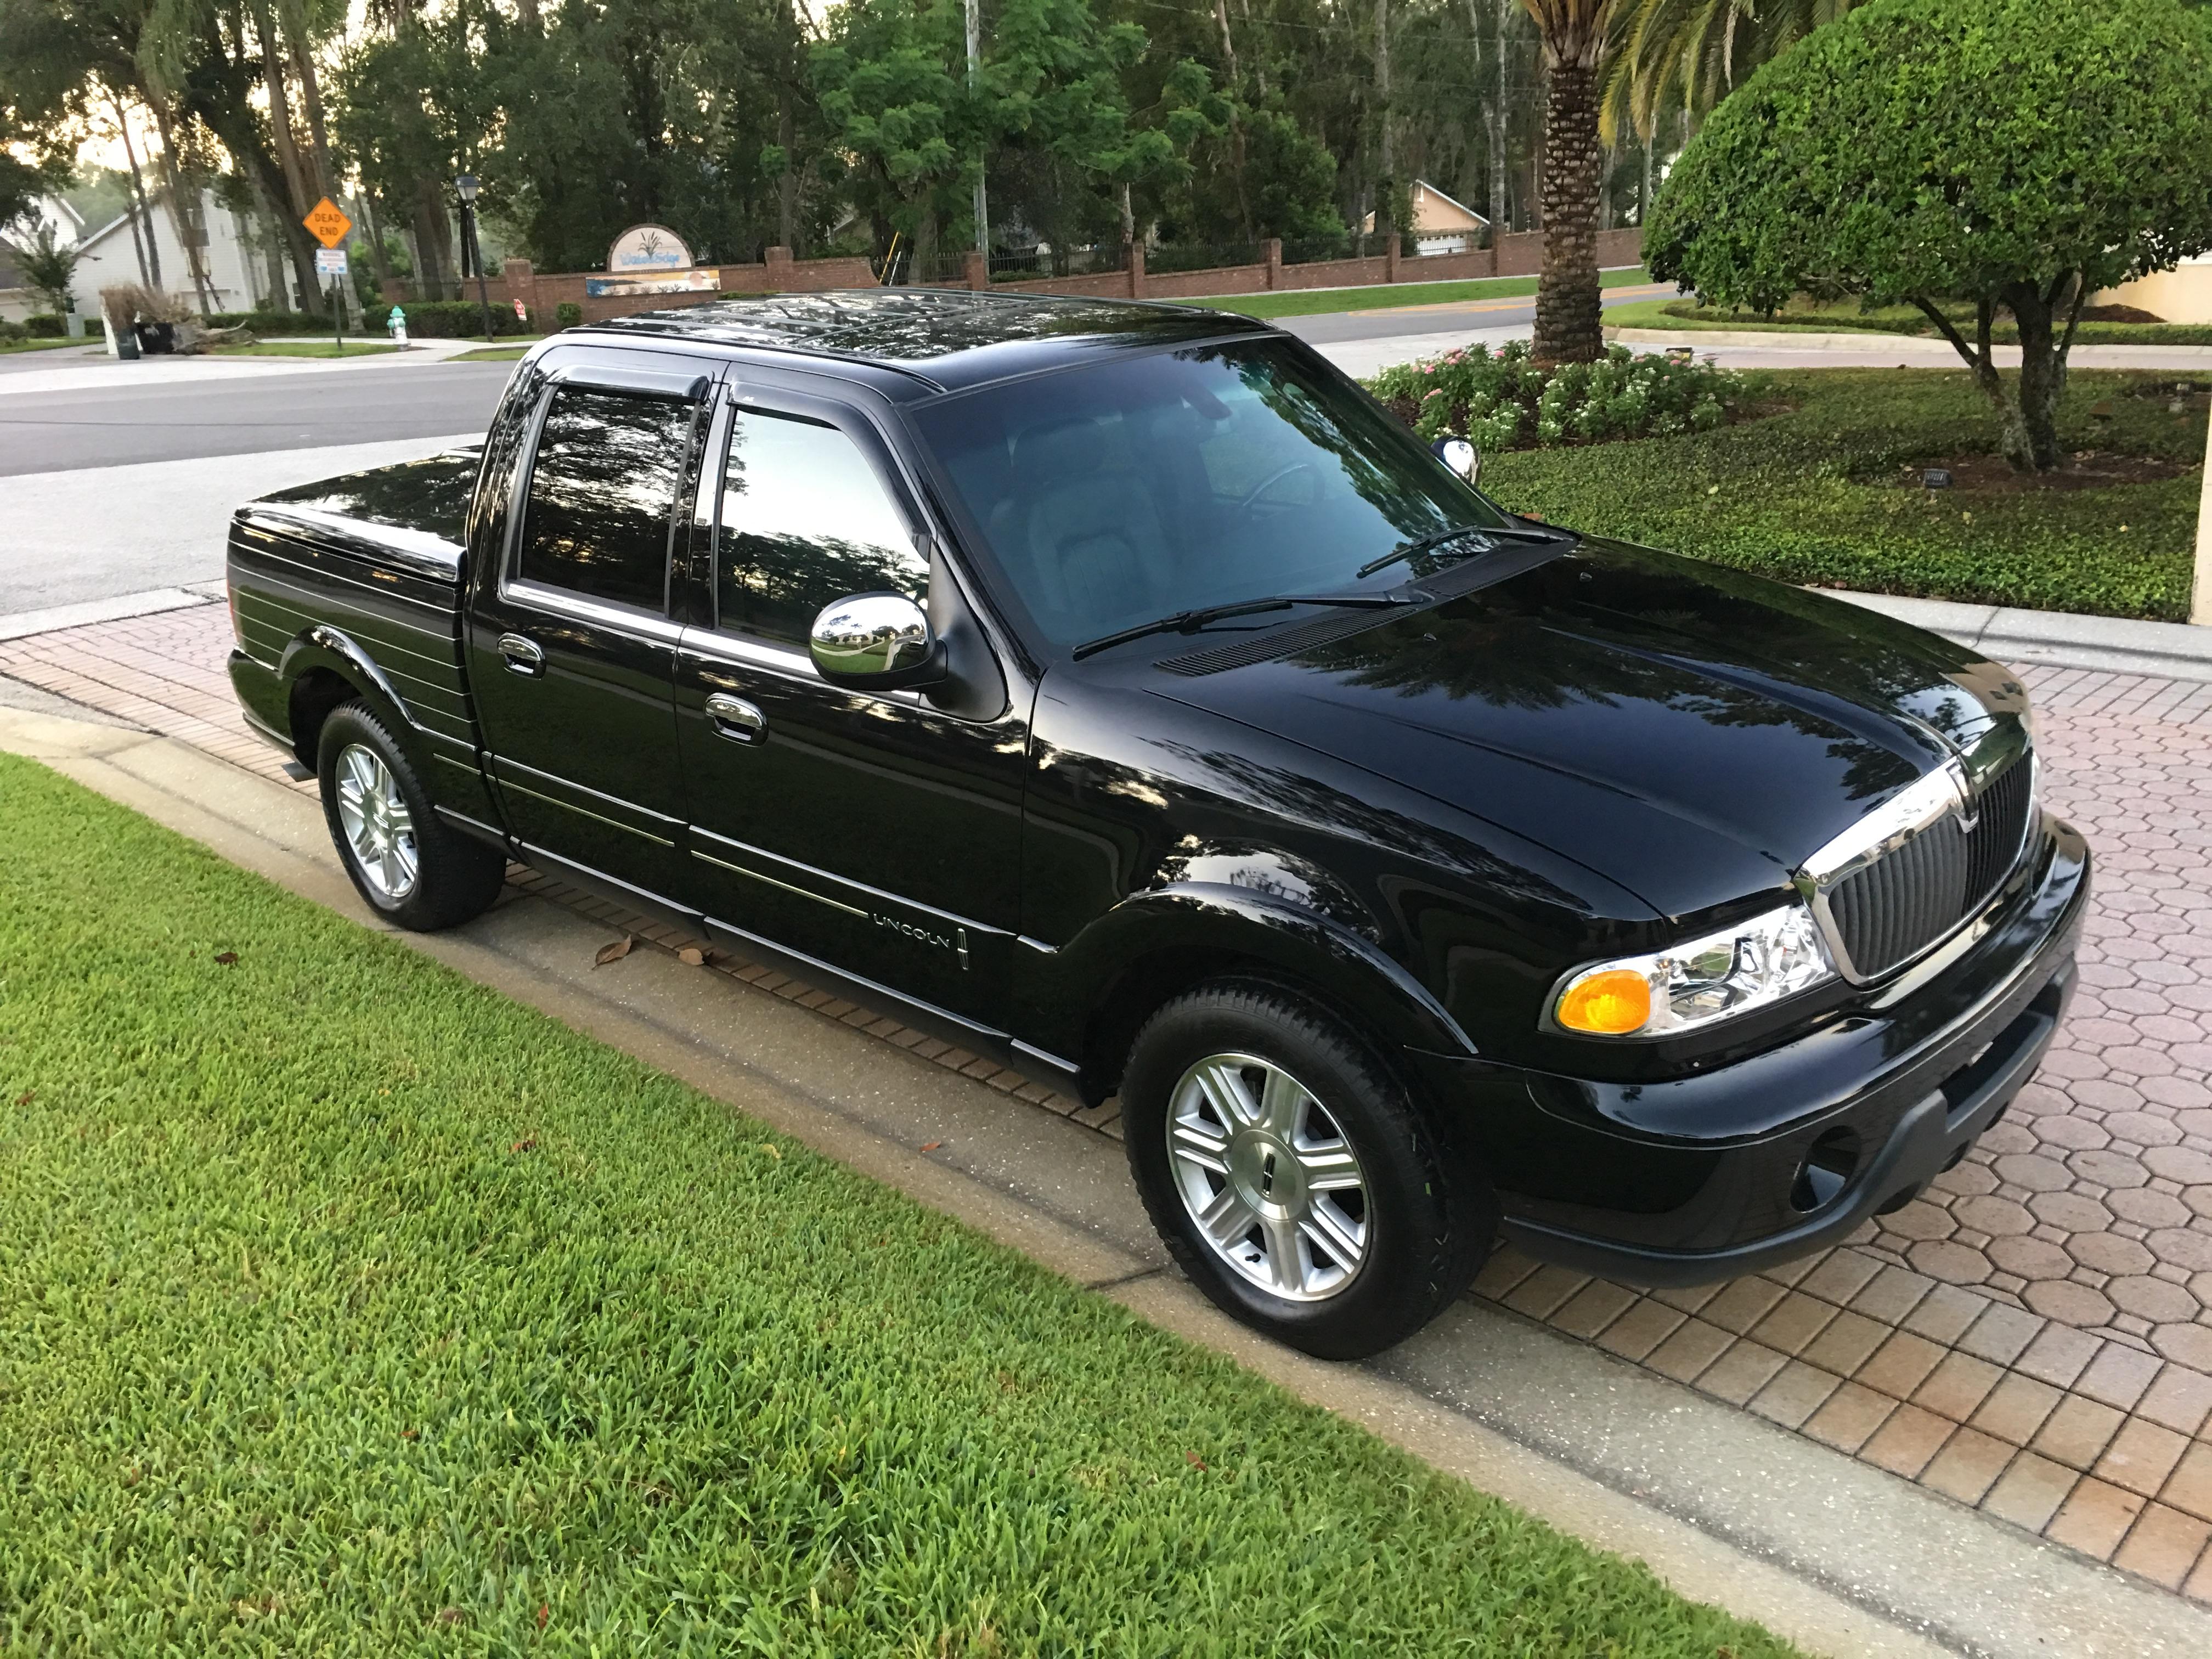 2002 lincoln blackwood truck sold vantage sports cars. Black Bedroom Furniture Sets. Home Design Ideas